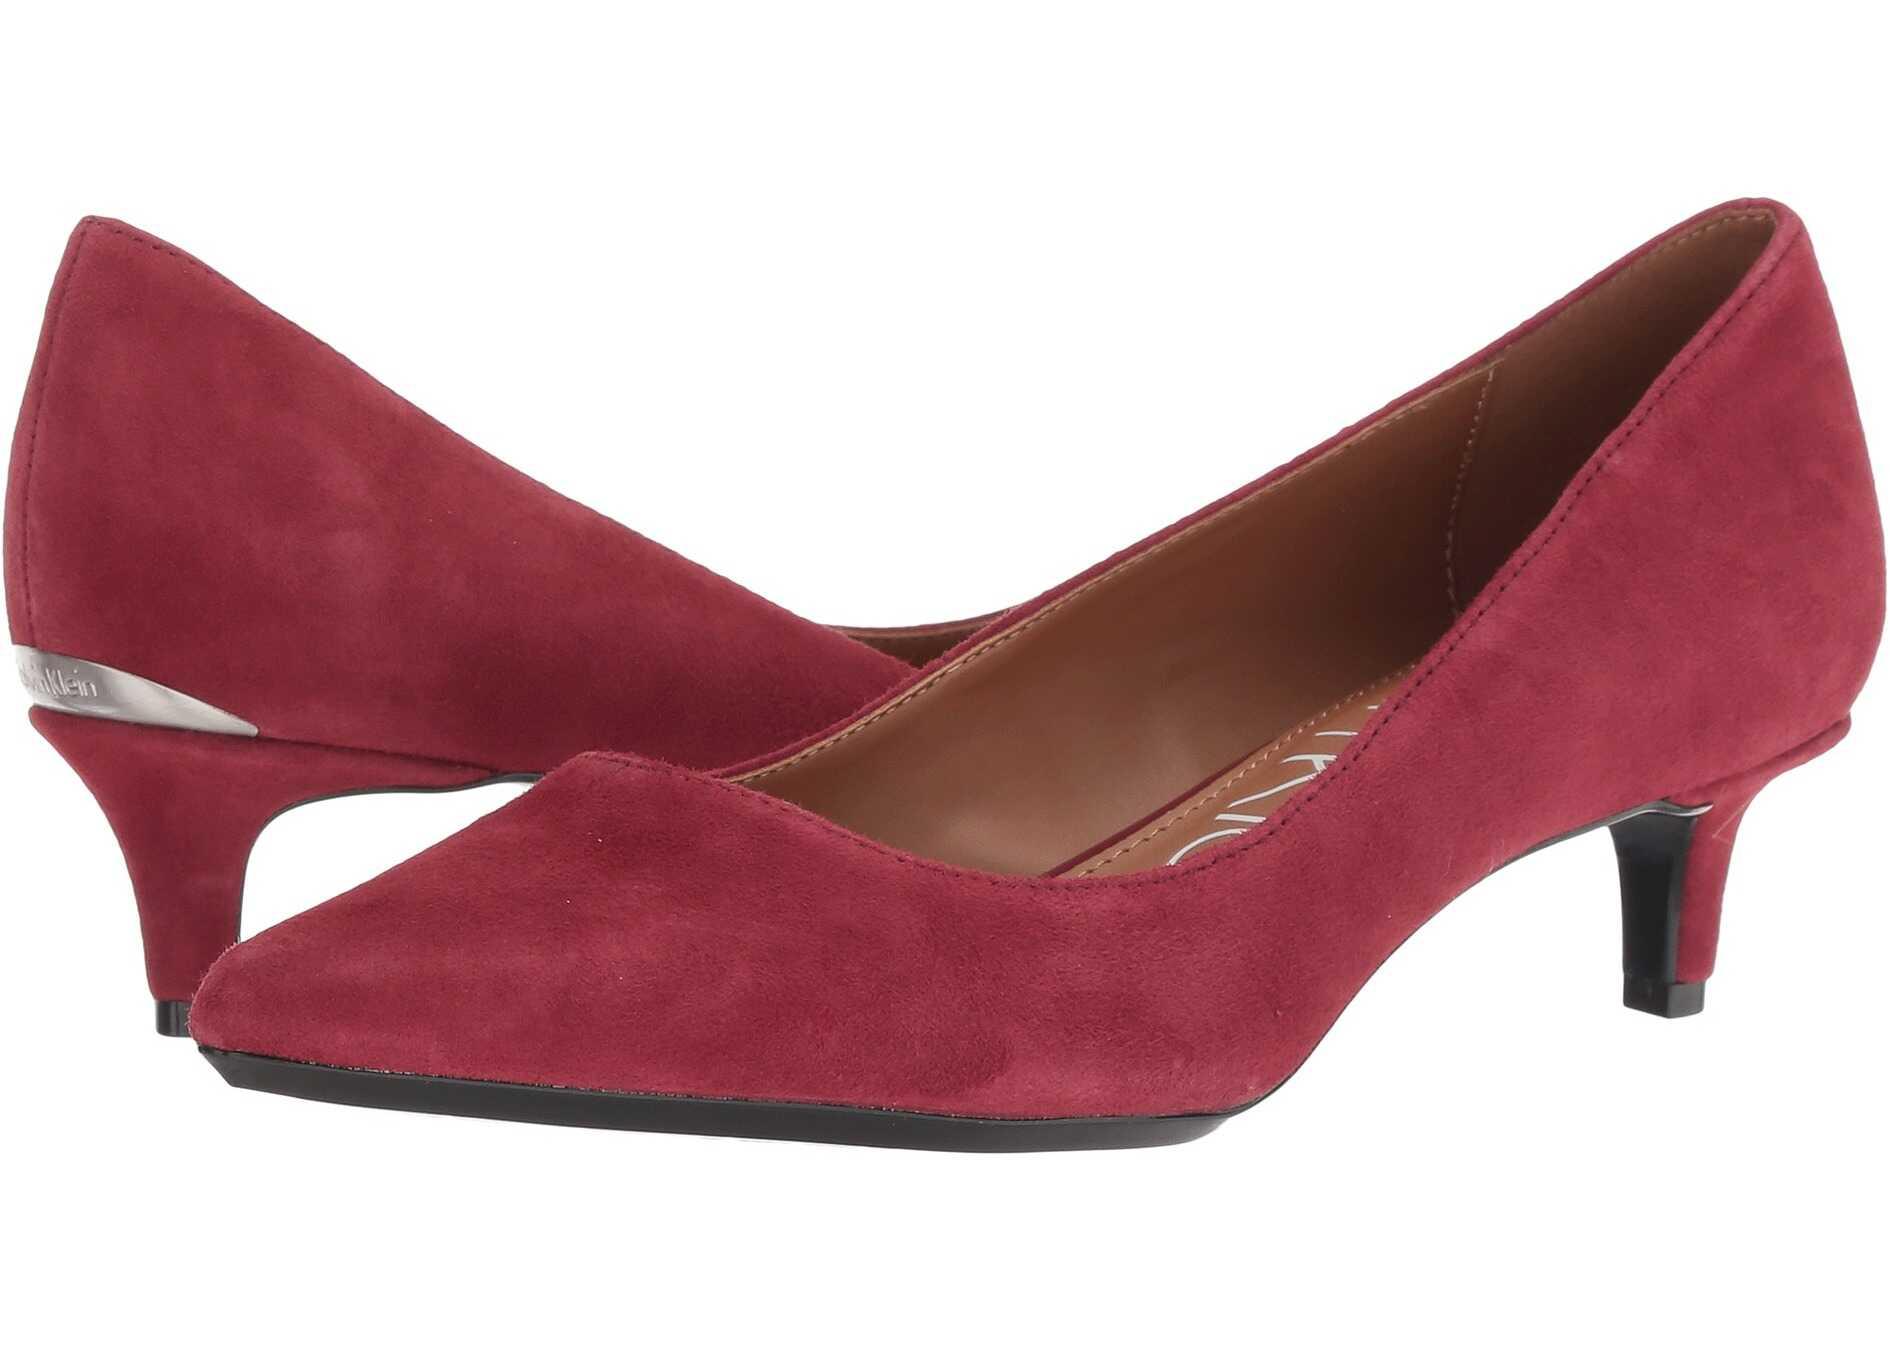 Calvin Klein Gabrianna Pump Red Rock Leather